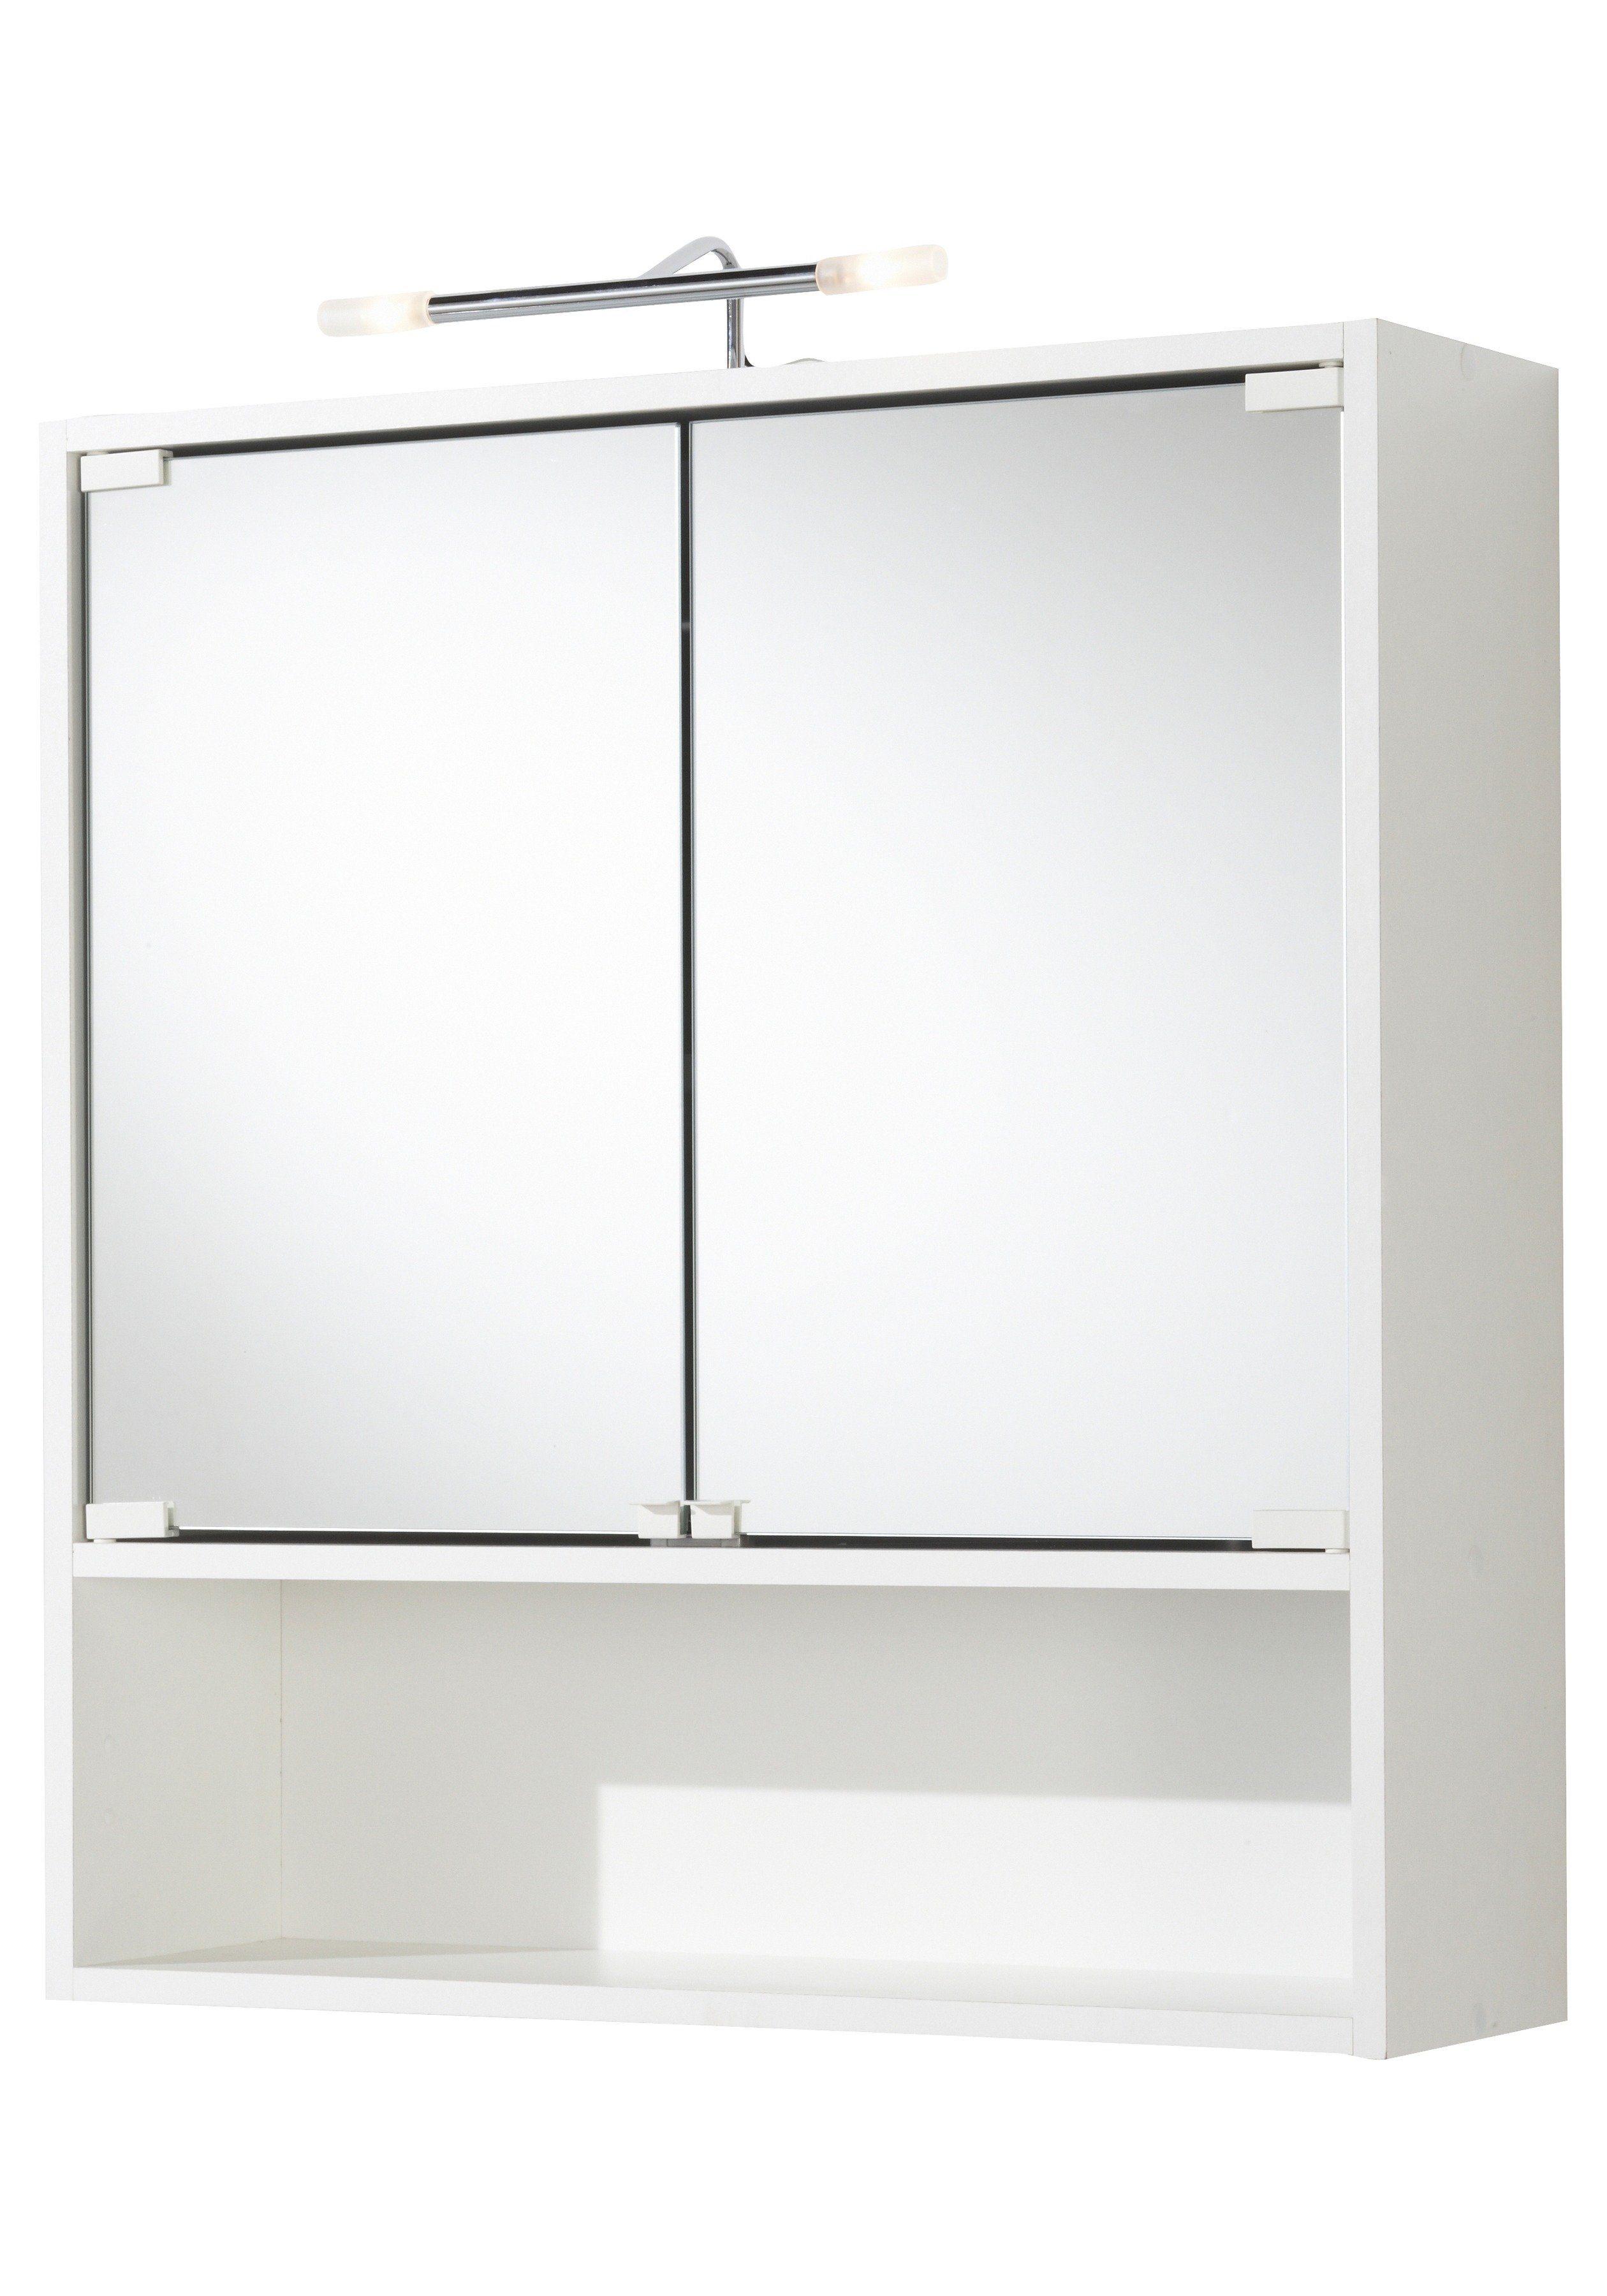 KESPER Spiegelschrank »Milano«, Breite 65 cm